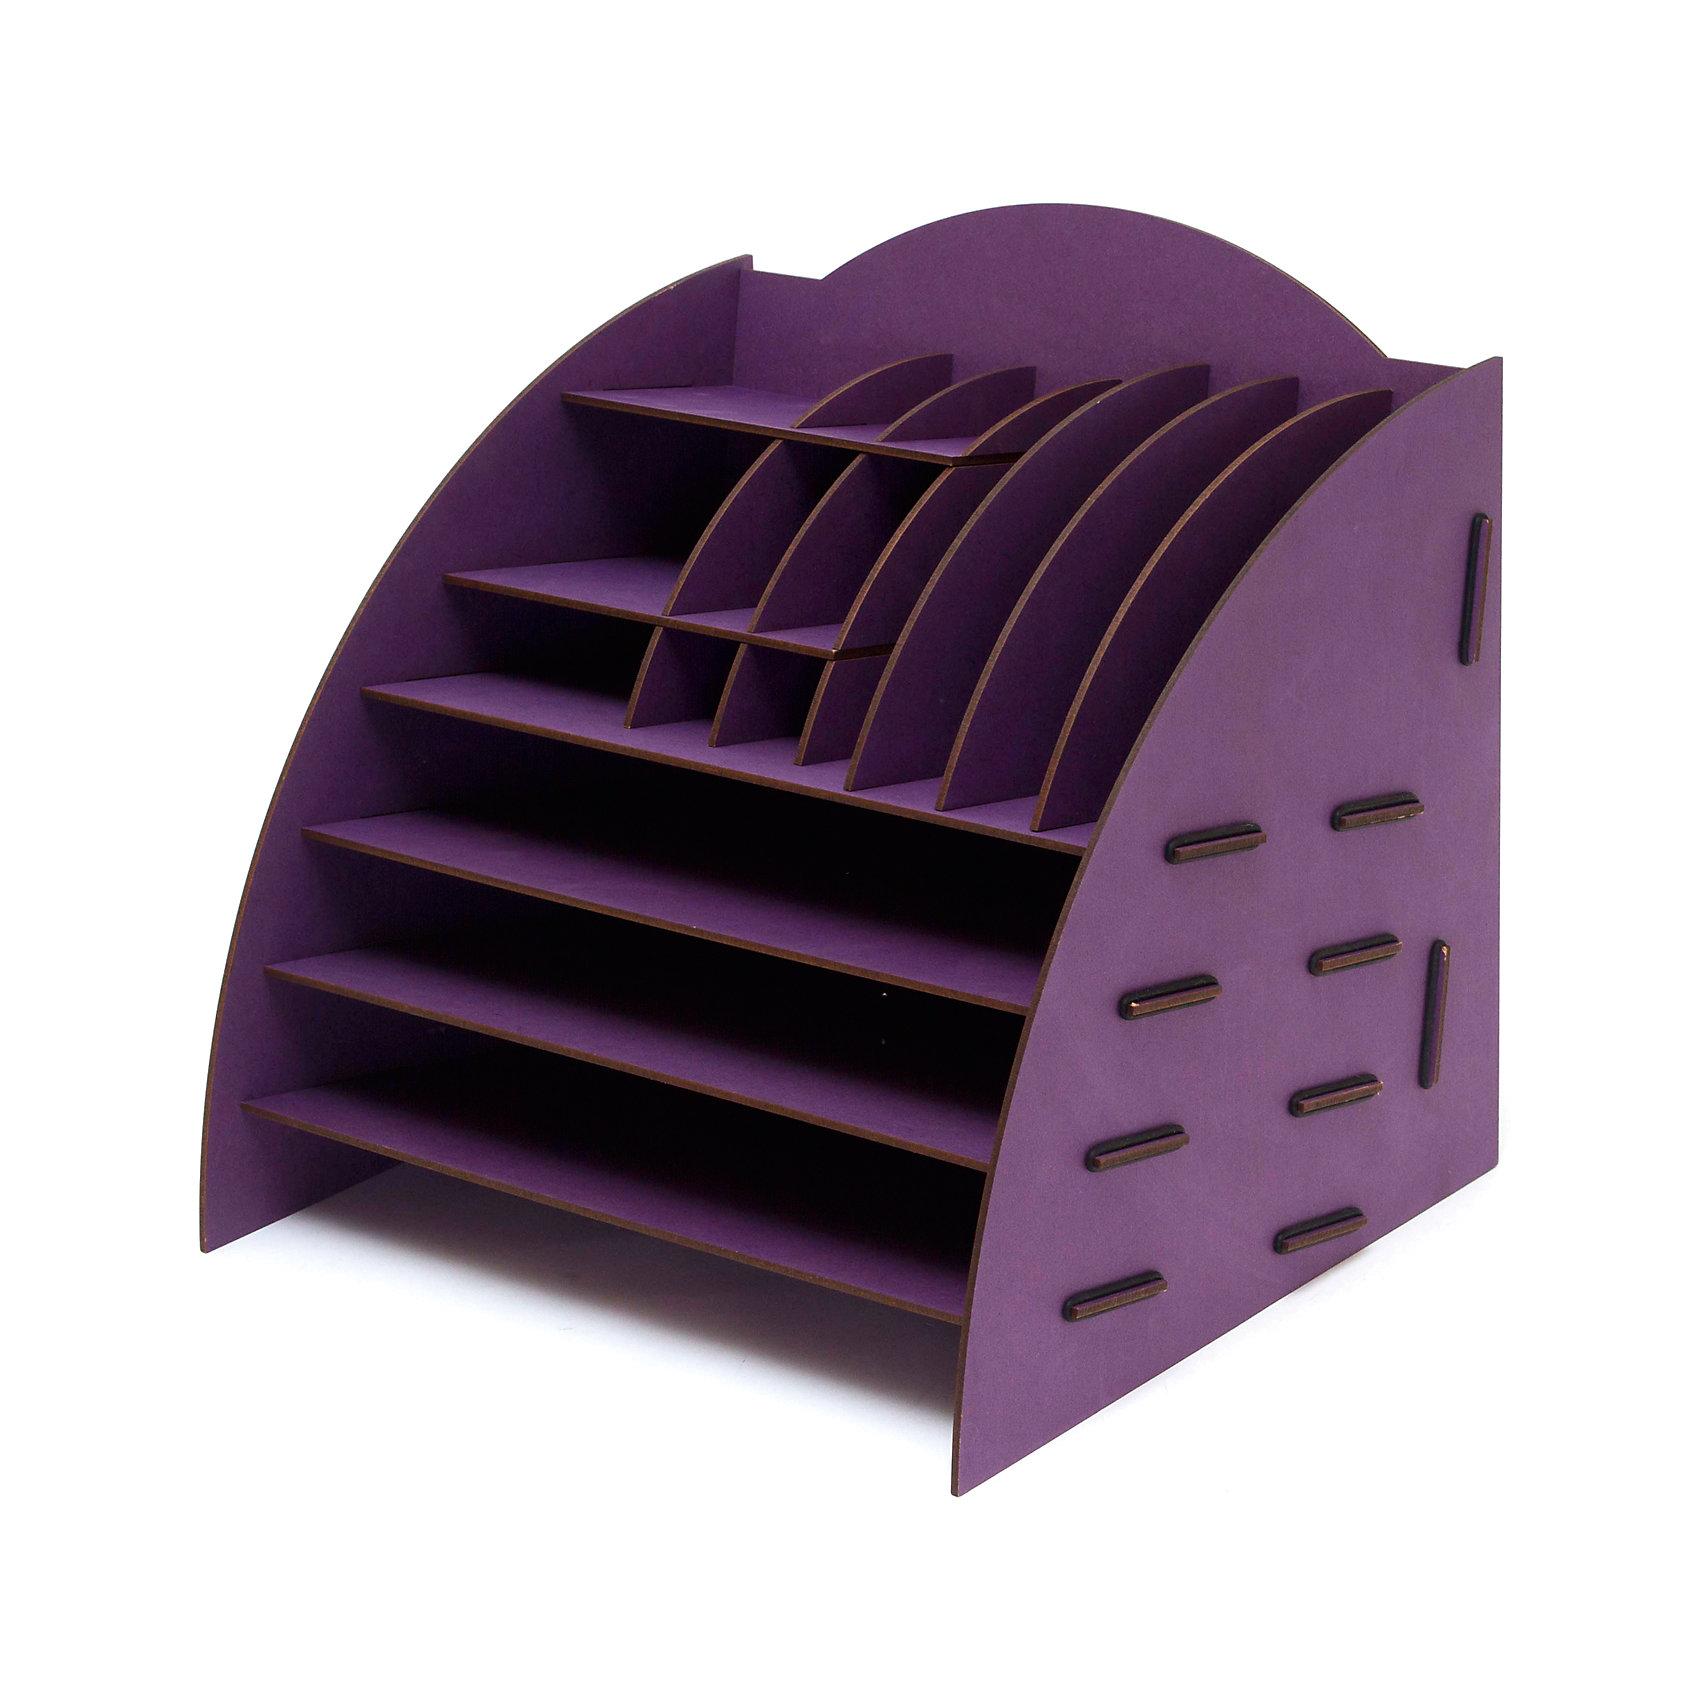 Органайзер на стол 16 отделов, HomsuПредметы интерьера<br>Этот настольный органайзер просто незаменим на рабочем столе, он вместителен, его размеры впечатляют- 34Х32Х33см и в то же время он не занимает много места. Оригинальный дизайн дополнит интерьер дома и разбавит цвет в скучном сером офисе. Он изготовлен из МДФ и легко собирается из съемных частей. Имеет 3 больших отделения для хранения документов и множество ячеек для хранения канцелярских предметов и всяких мелочей.<br><br>Ширина мм: 340<br>Глубина мм: 340<br>Высота мм: 60<br>Вес г: 2000<br>Возраст от месяцев: 216<br>Возраст до месяцев: 1188<br>Пол: Унисекс<br>Возраст: Детский<br>SKU: 5620266